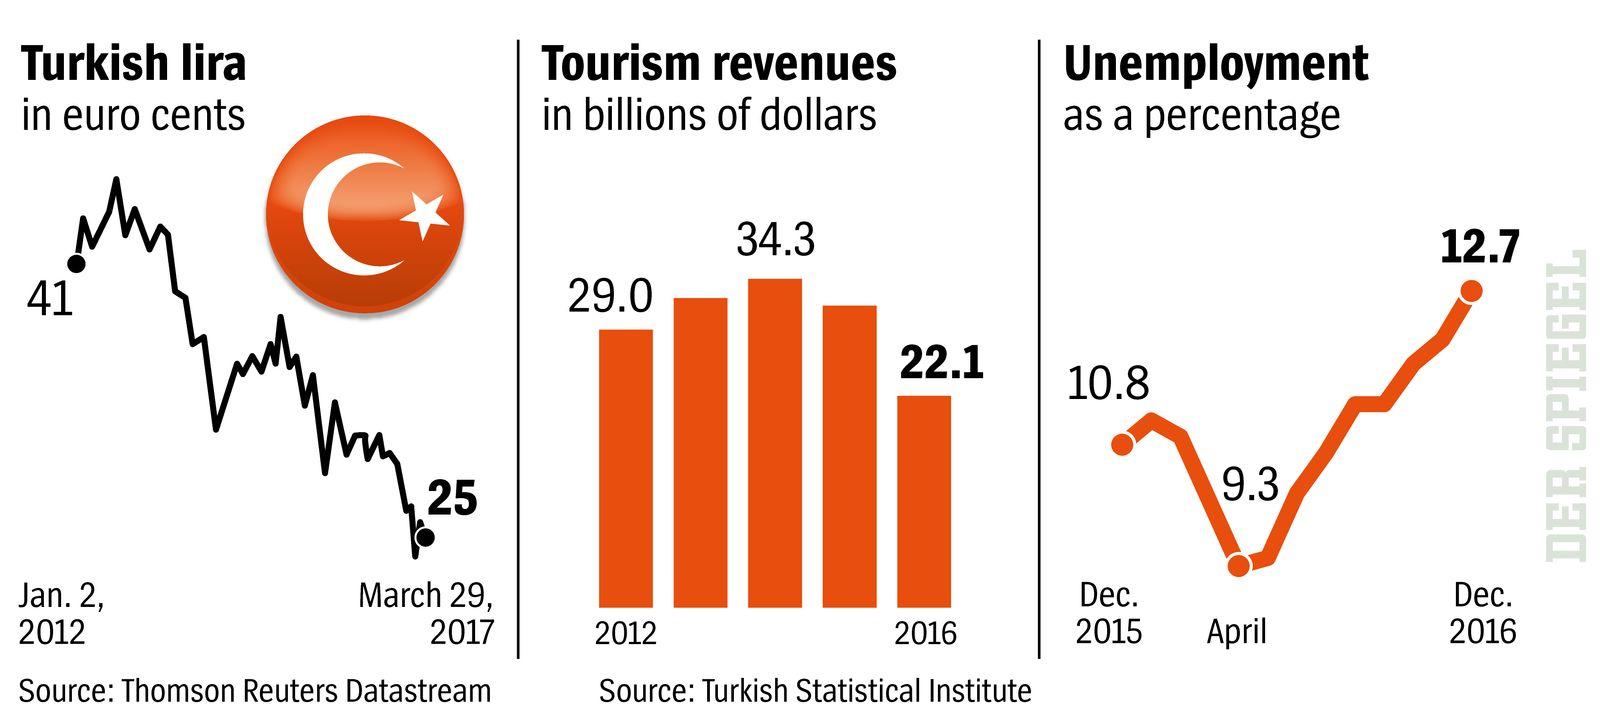 DER SPIEGEL englisch 14/2017, Seite 60 Turkish lira